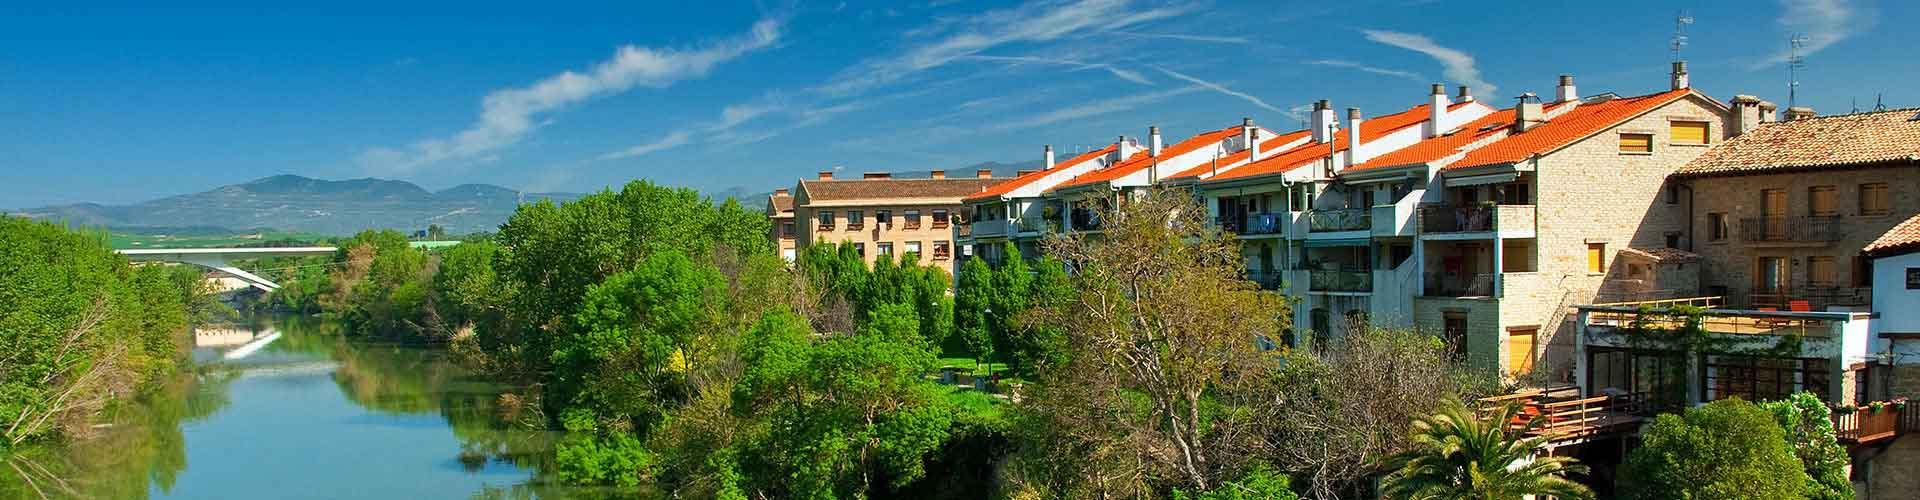 Pamplona - Habitaciones en Pamplona. Mapas de Pamplona, Fotos y comentarios de cada Habitación en Pamplona.